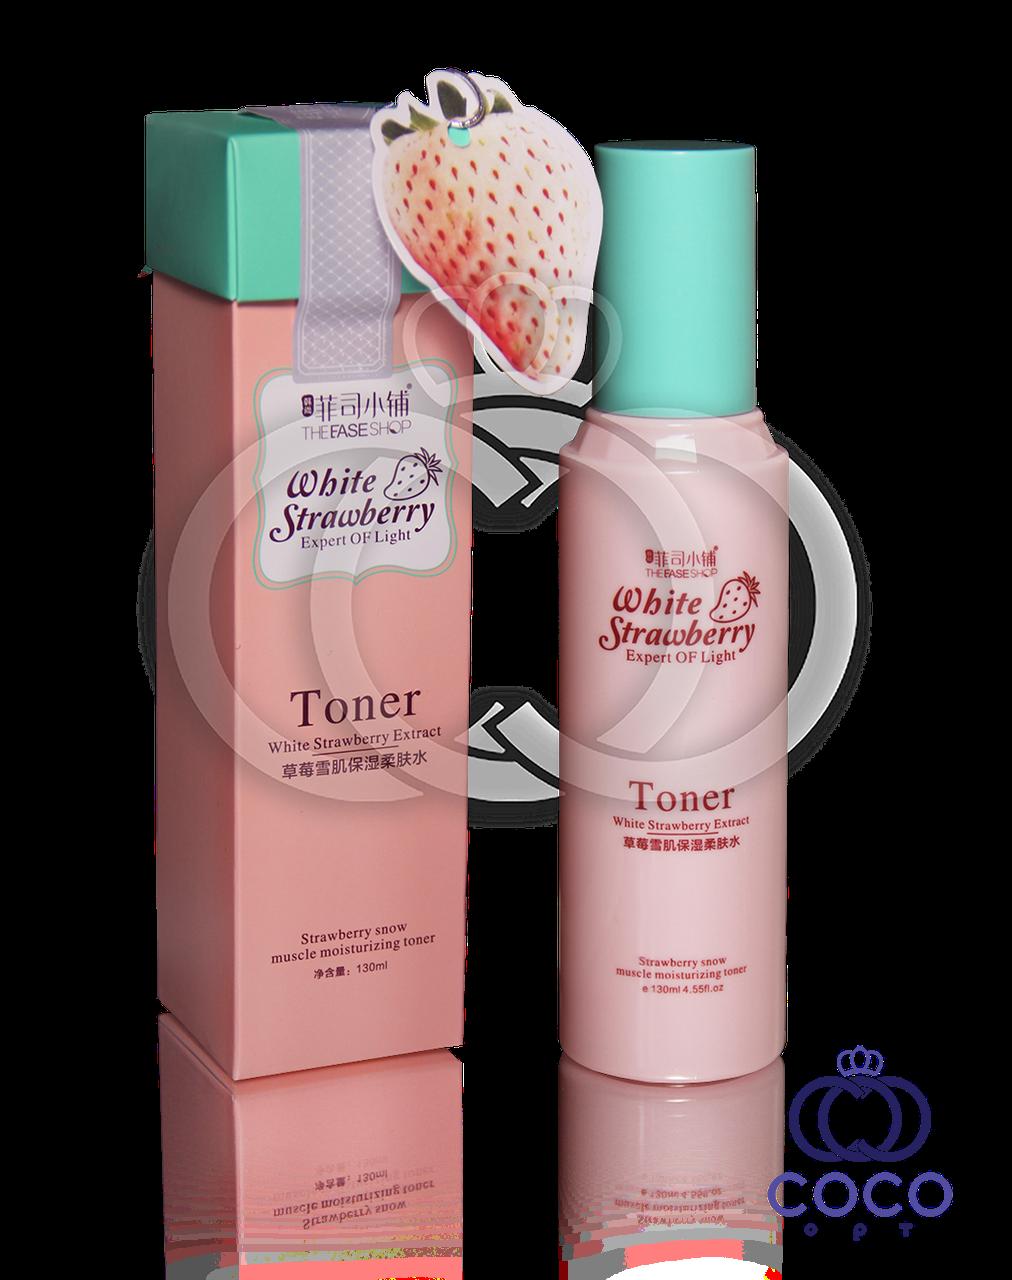 Корейский увлажняющий тонер с экстрактом белой клубники Toner White Strawberry Extract